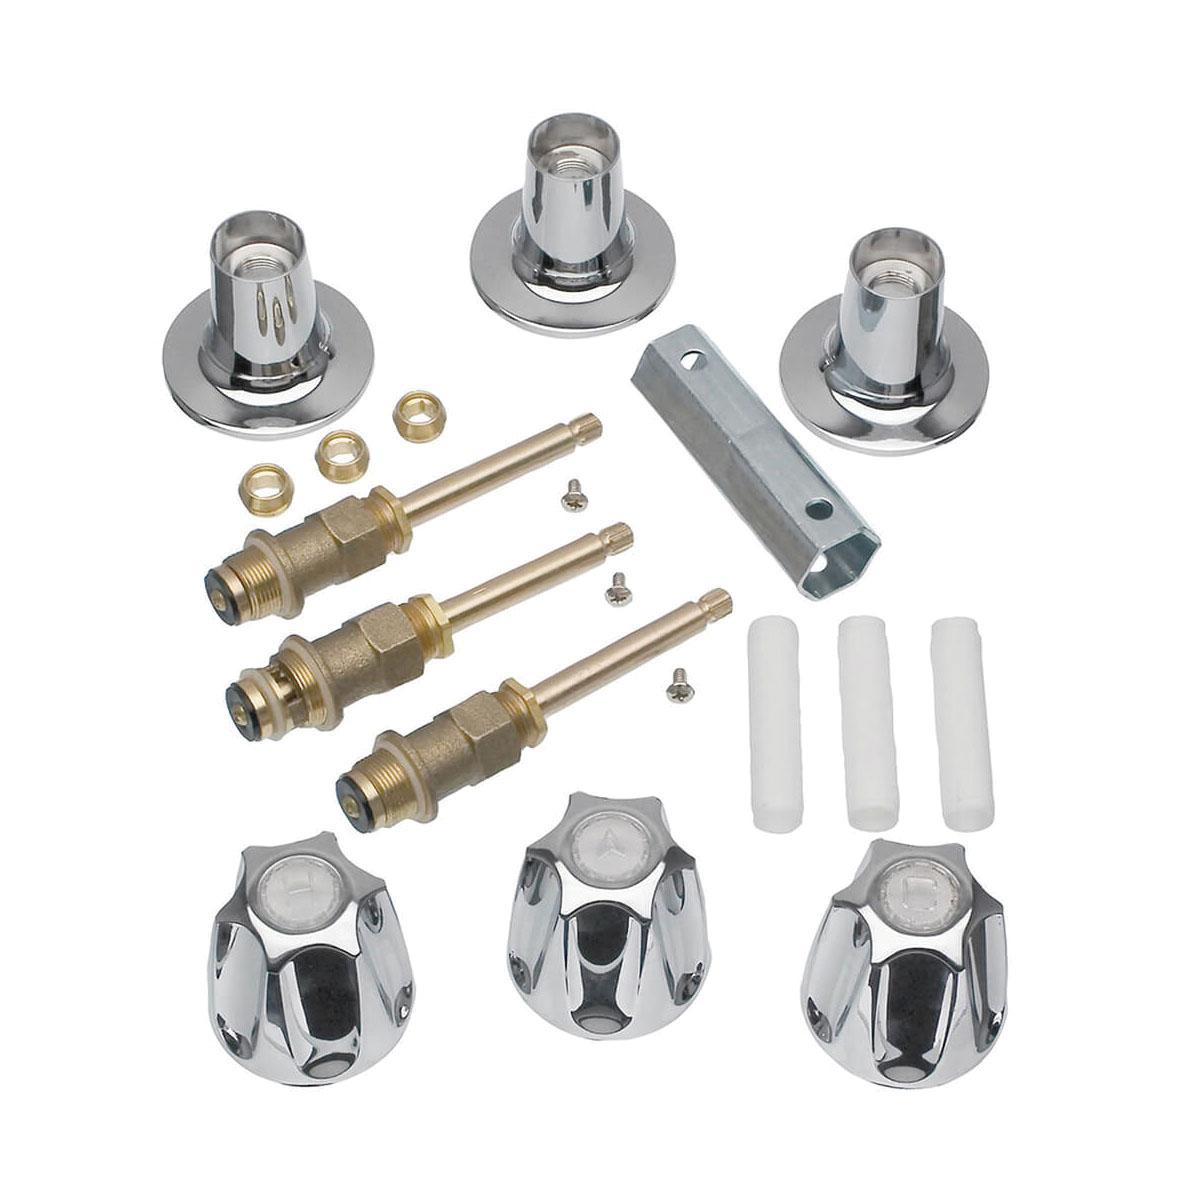 DANCO™ 39619 Tub/Shower 3-Handle Remodeling Kit, Brass, Polished Chrome